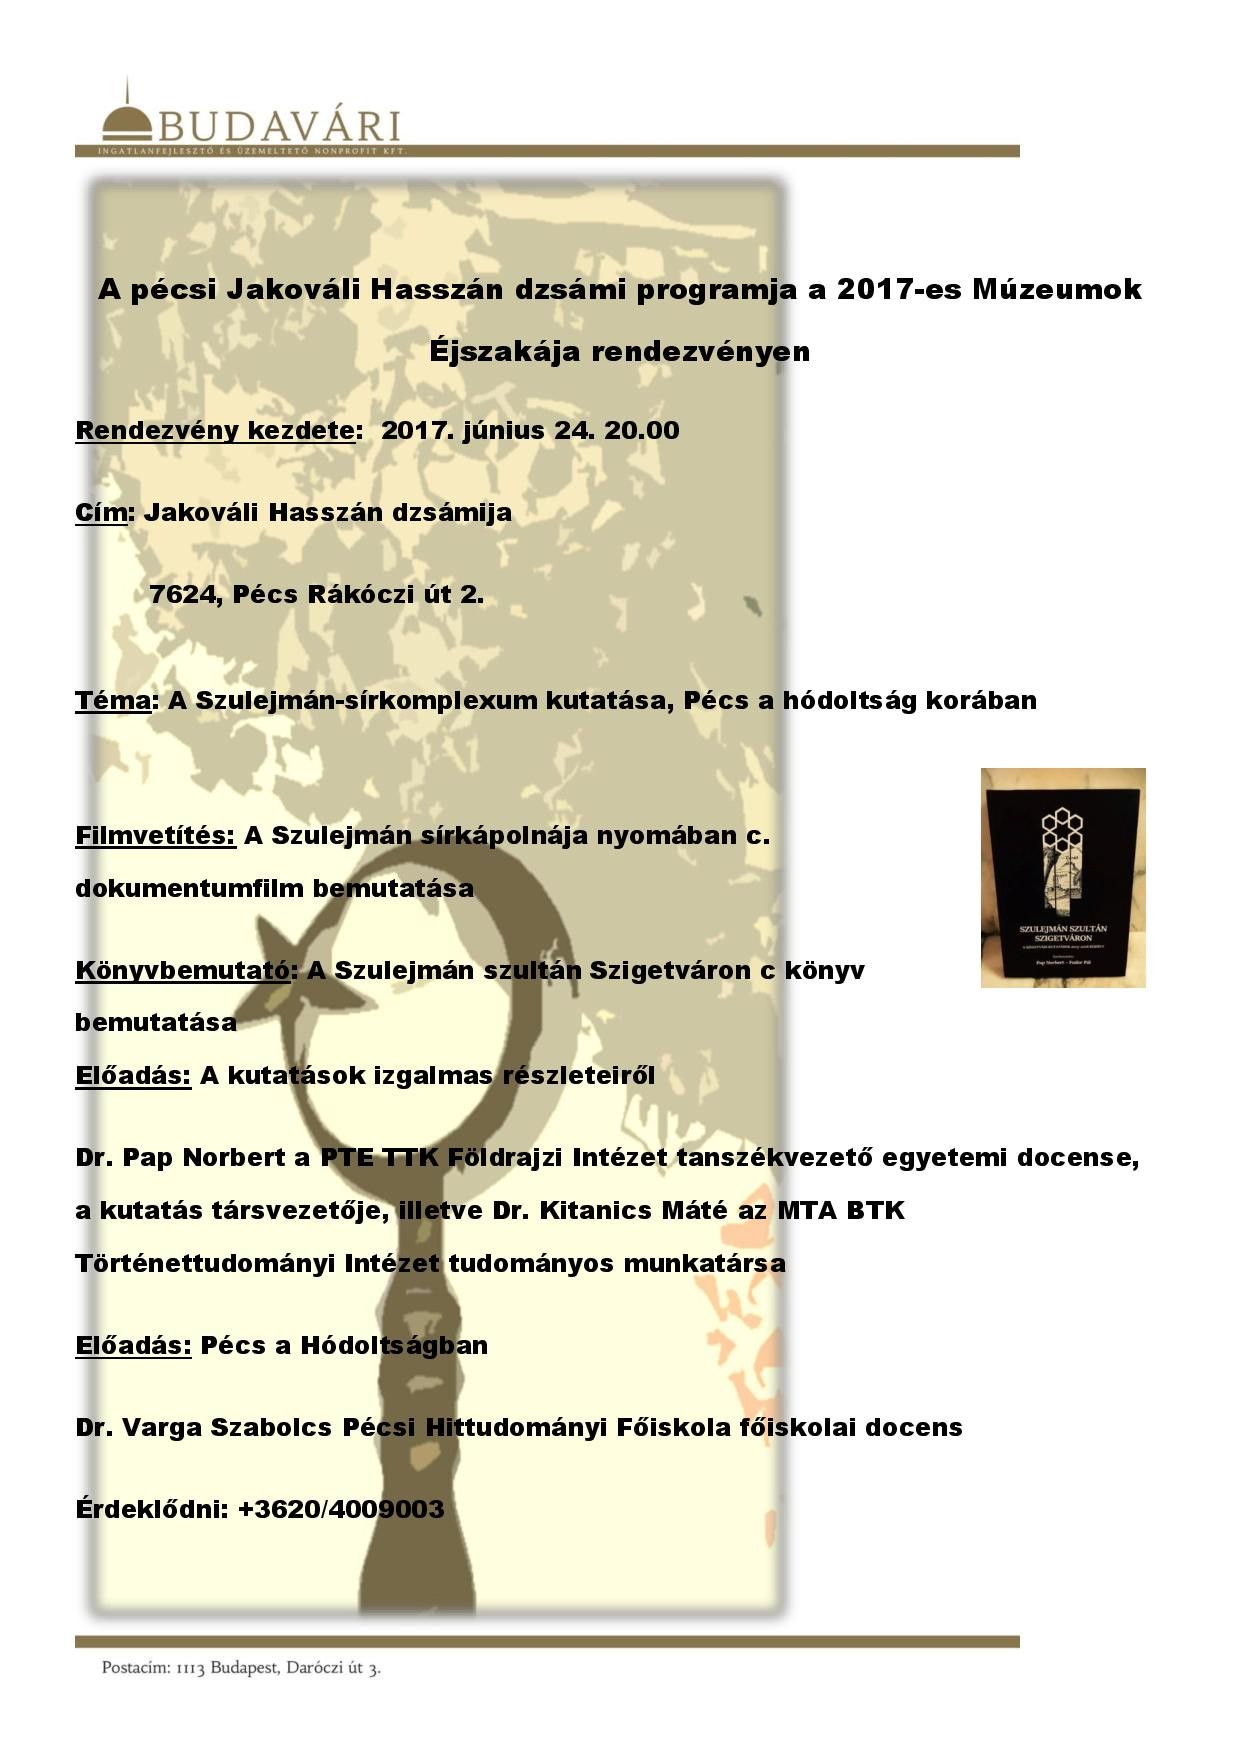 A pécsi Jakovali Hassan dzsámi programja a 2017-page-001